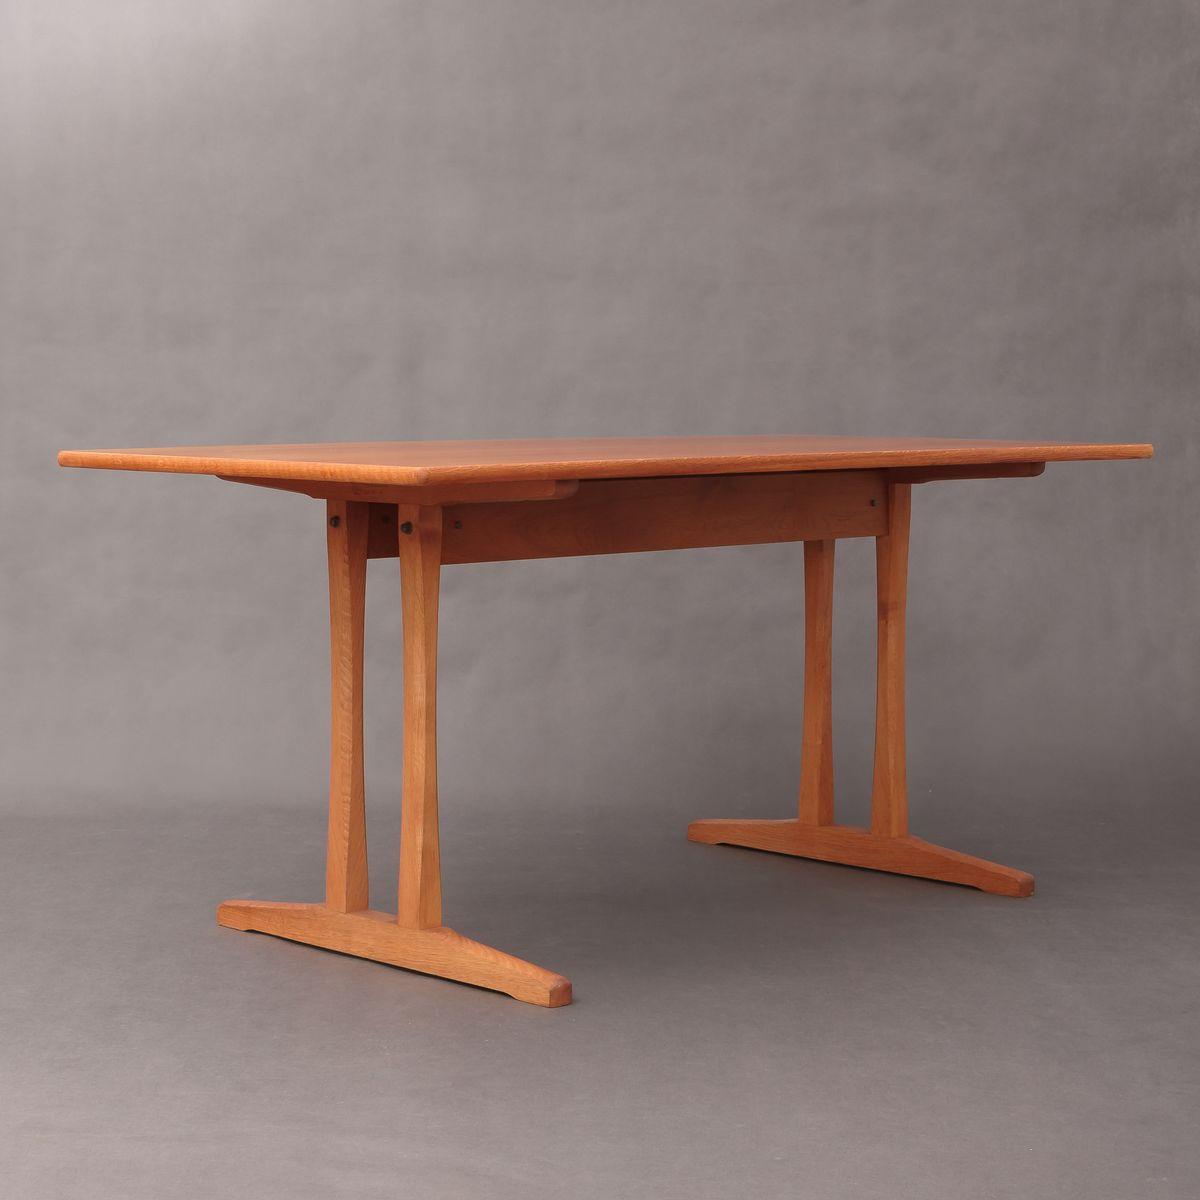 Wunderbar Shaker Stil Küchentisch Und Stühle Fotos - Küchen Design ...